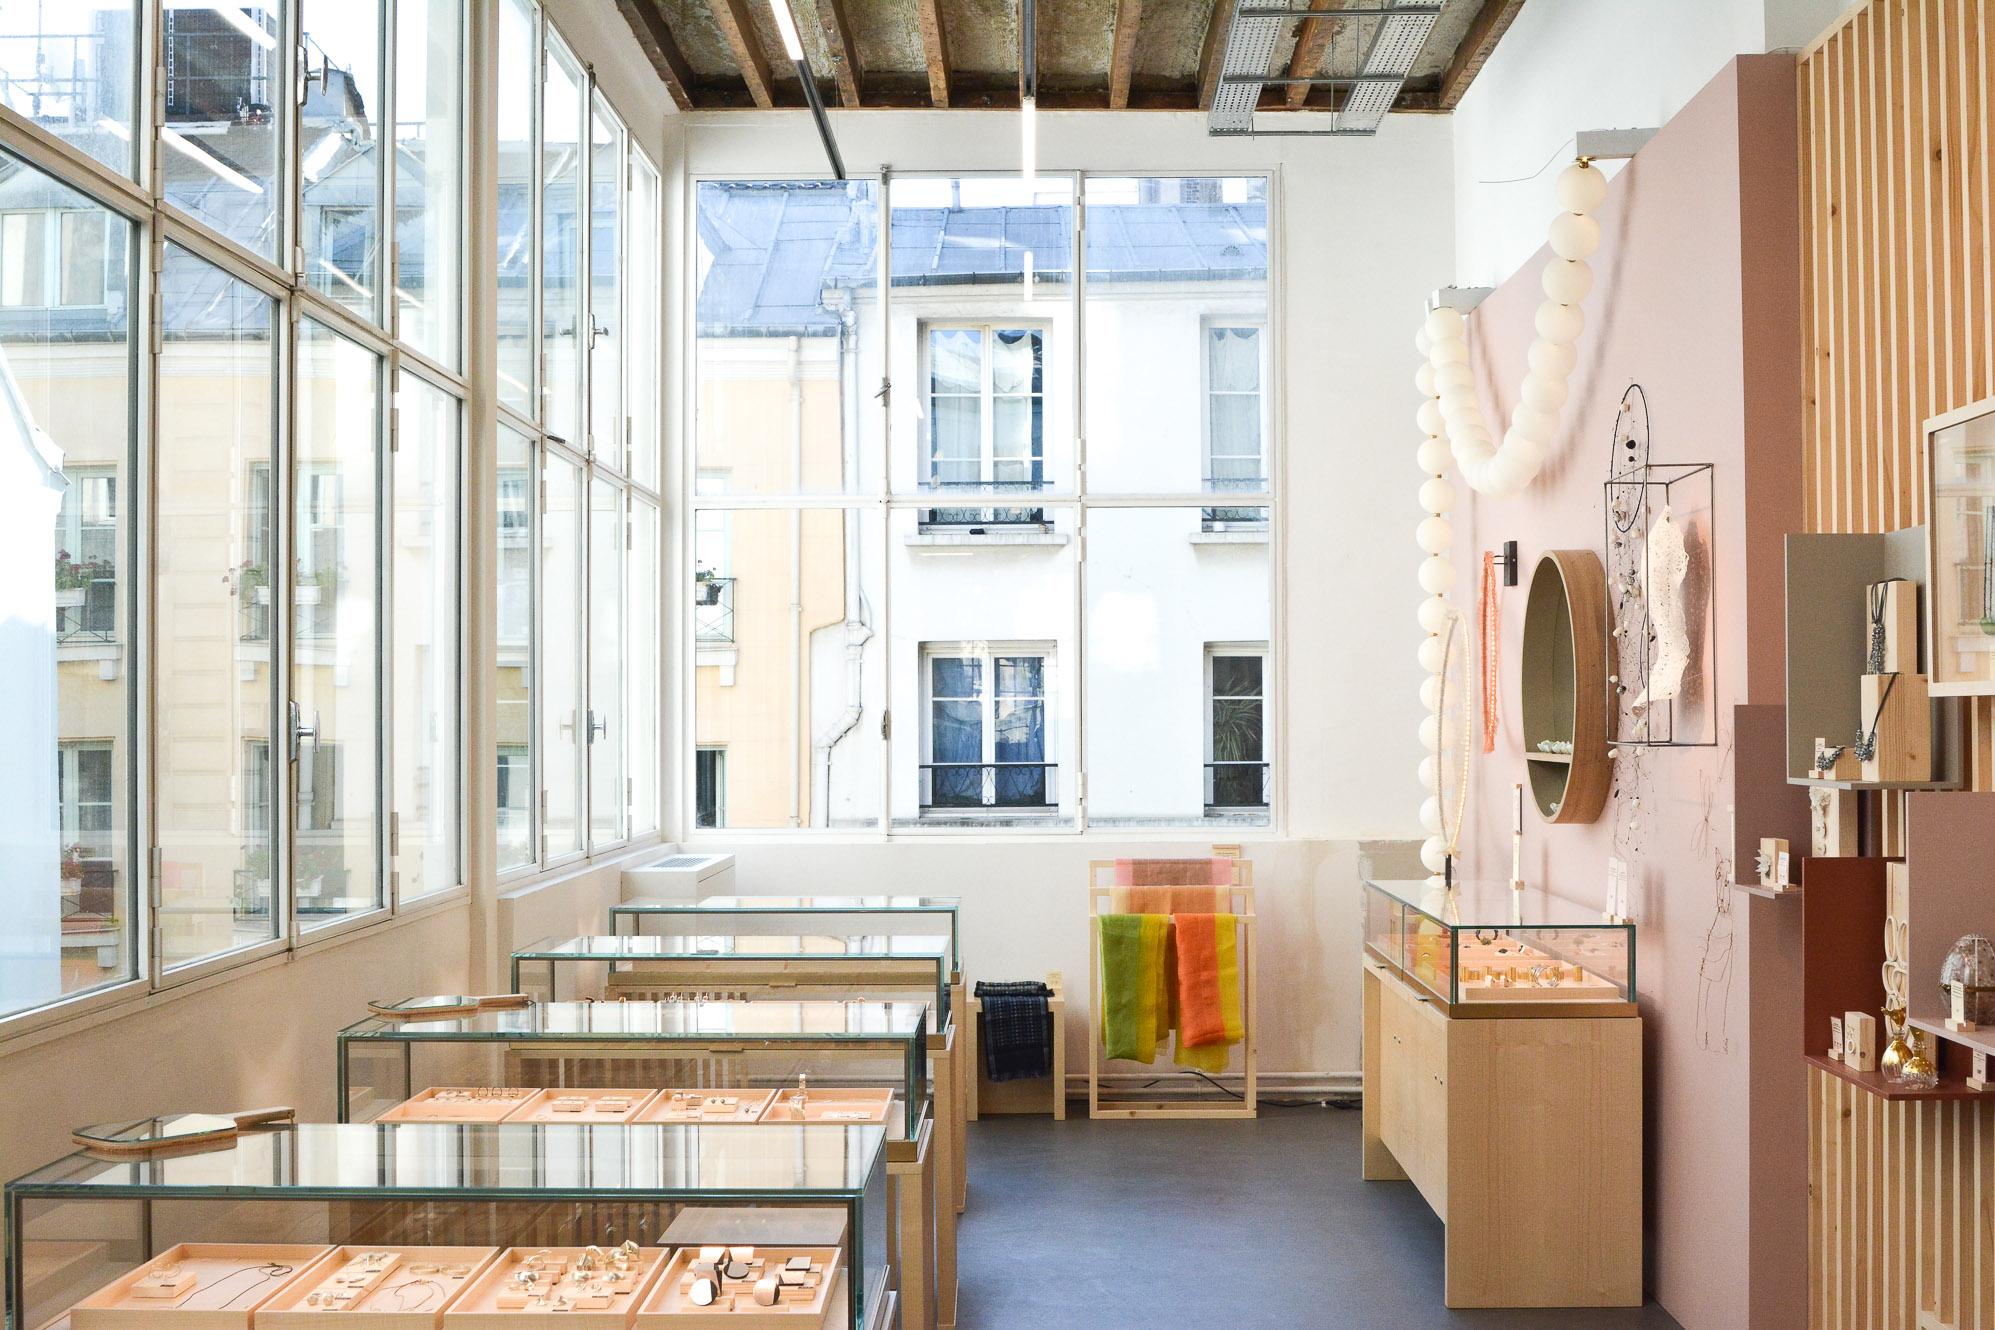 empreintes-paris-concept-store-artisanat-le-polyedre-21.jpg